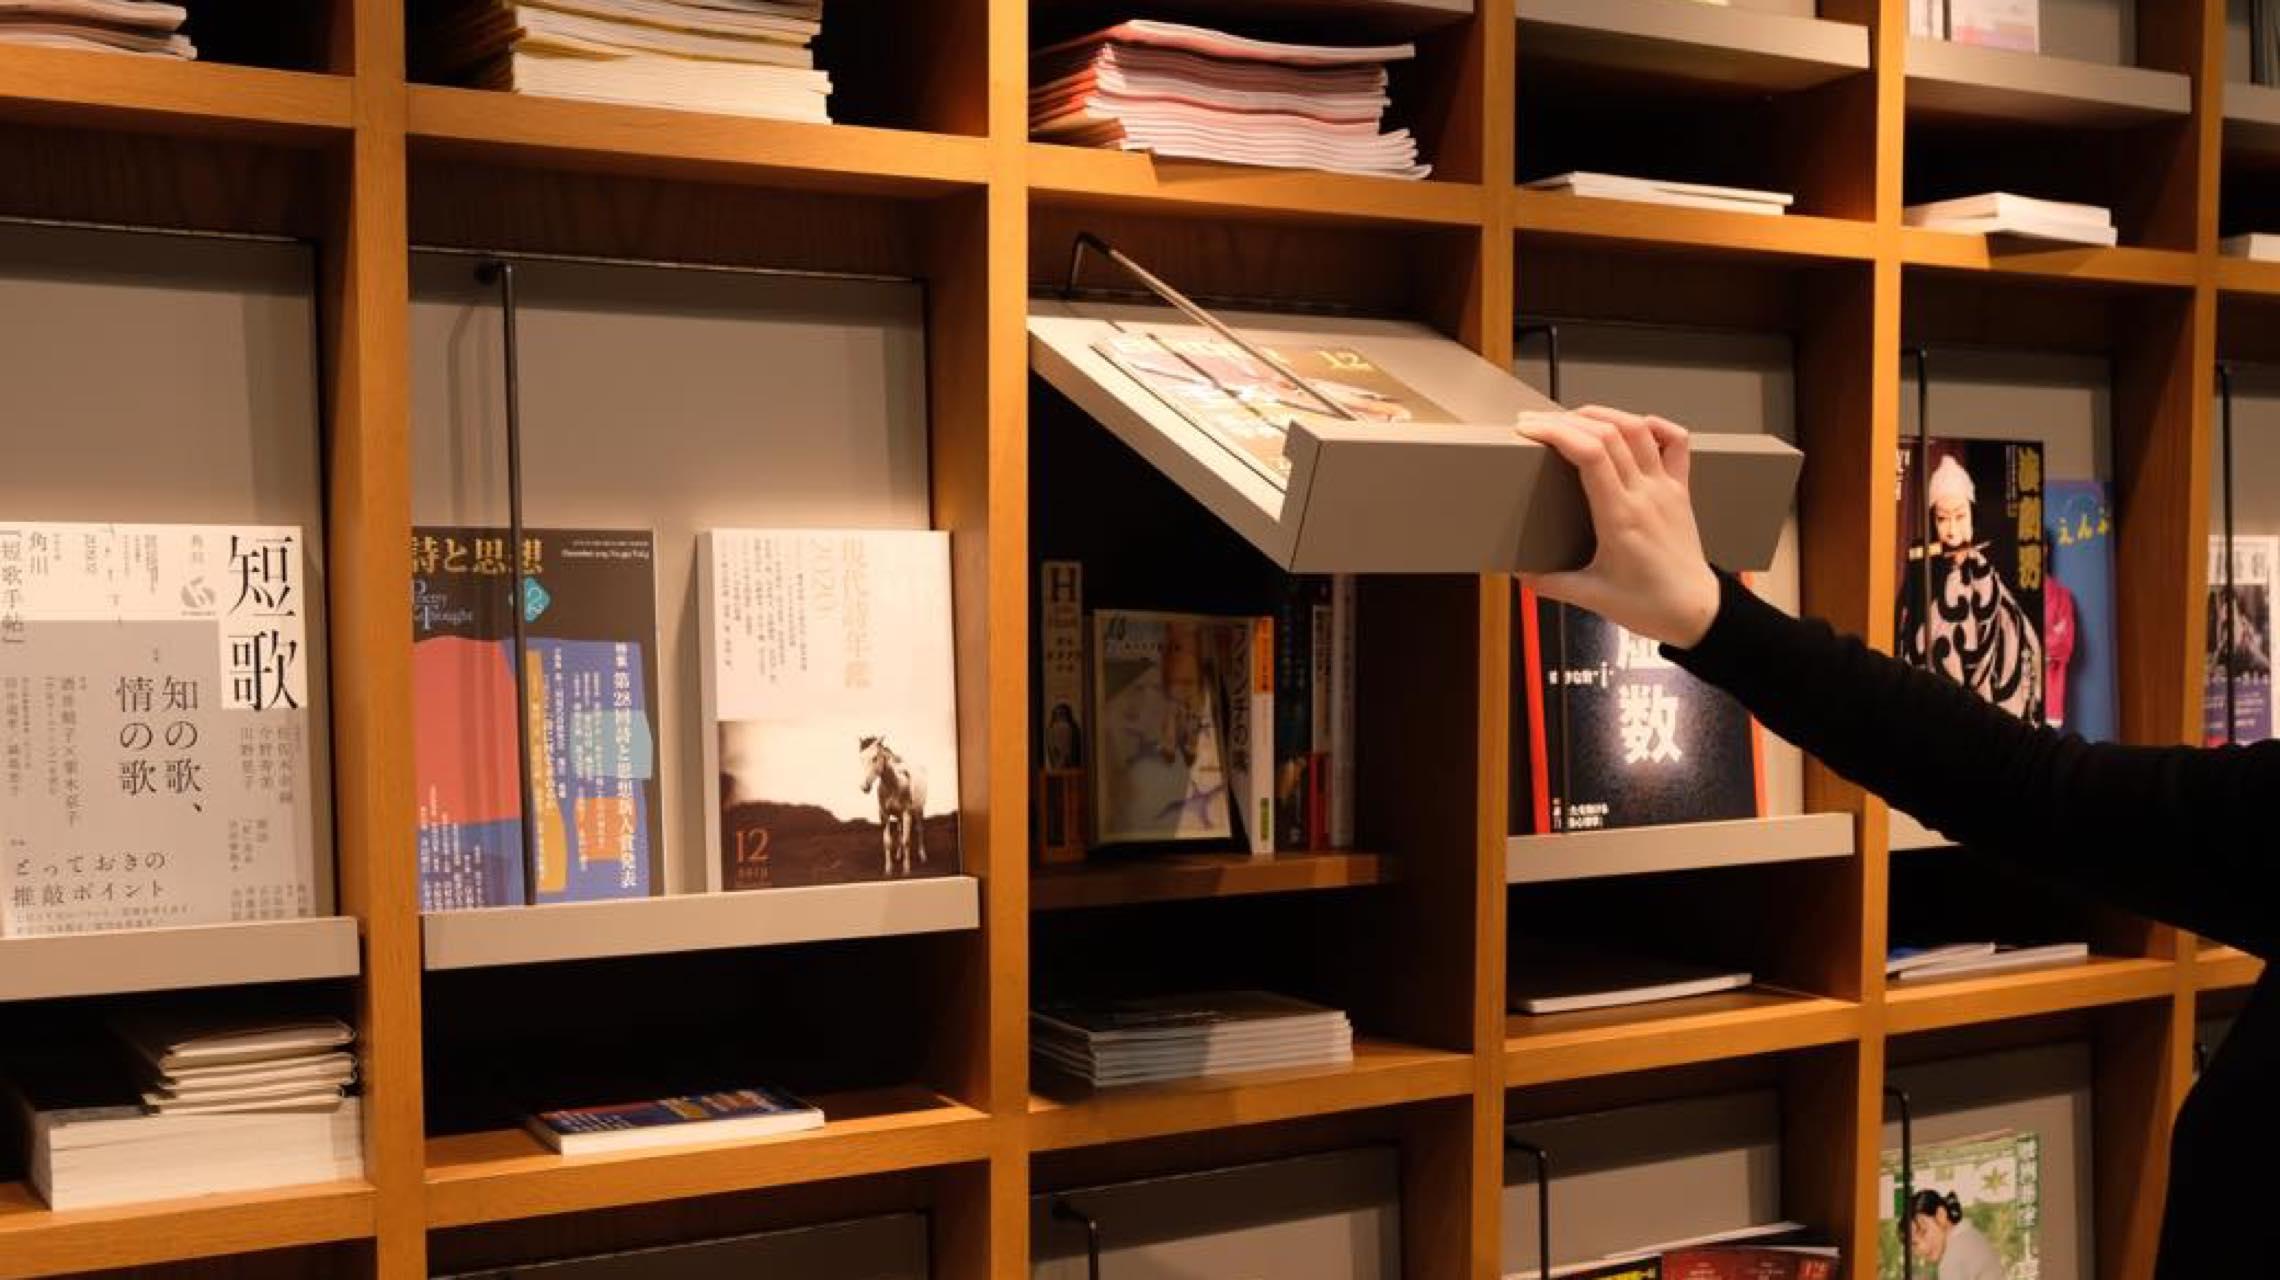 本好きの新聖地・六本木「文喫」。「出会い」がテーマの記念イベントを開催中